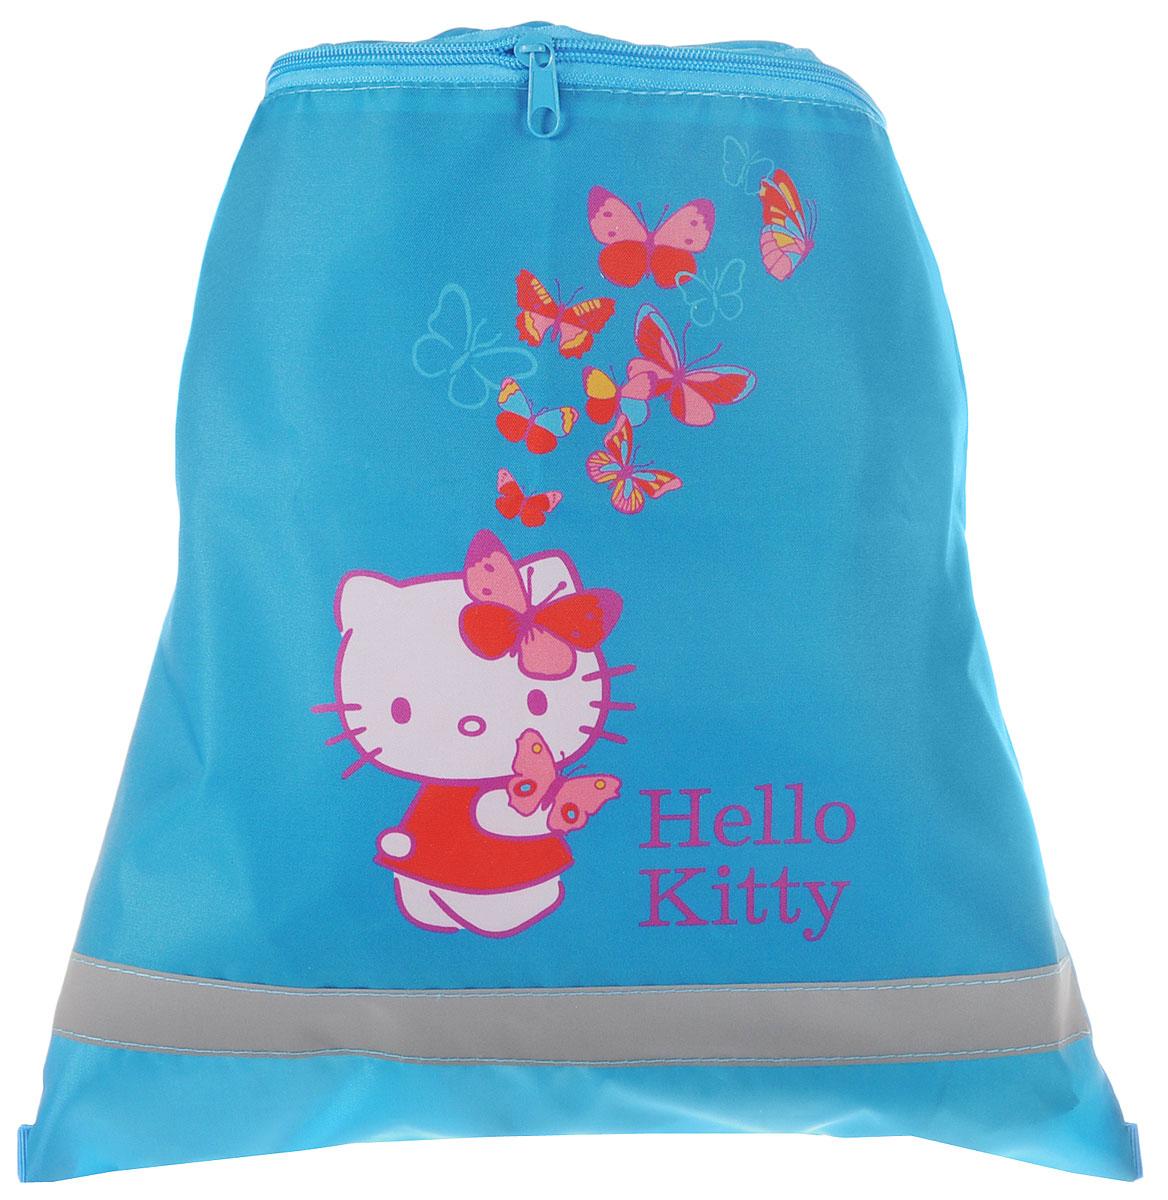 Action! Сумка для сменной обуви Hello Kitty HKO-ASS4301/4HKO-ASS4301/4Сумка Action! Hello Kitty имеет лицензионный дизайн, ее удобно использовать как для хранения, так и для переноски сменной обуви. Она выполнена из водонепроницаемой ткани. На лицевой стороне большой карман на молнии. Сумка затягивается сверху при помощи текстильных шнурков. Шнурки фиксируются в нижней части сумки, благодаря чему ее можно носить за спиной как рюкзак.